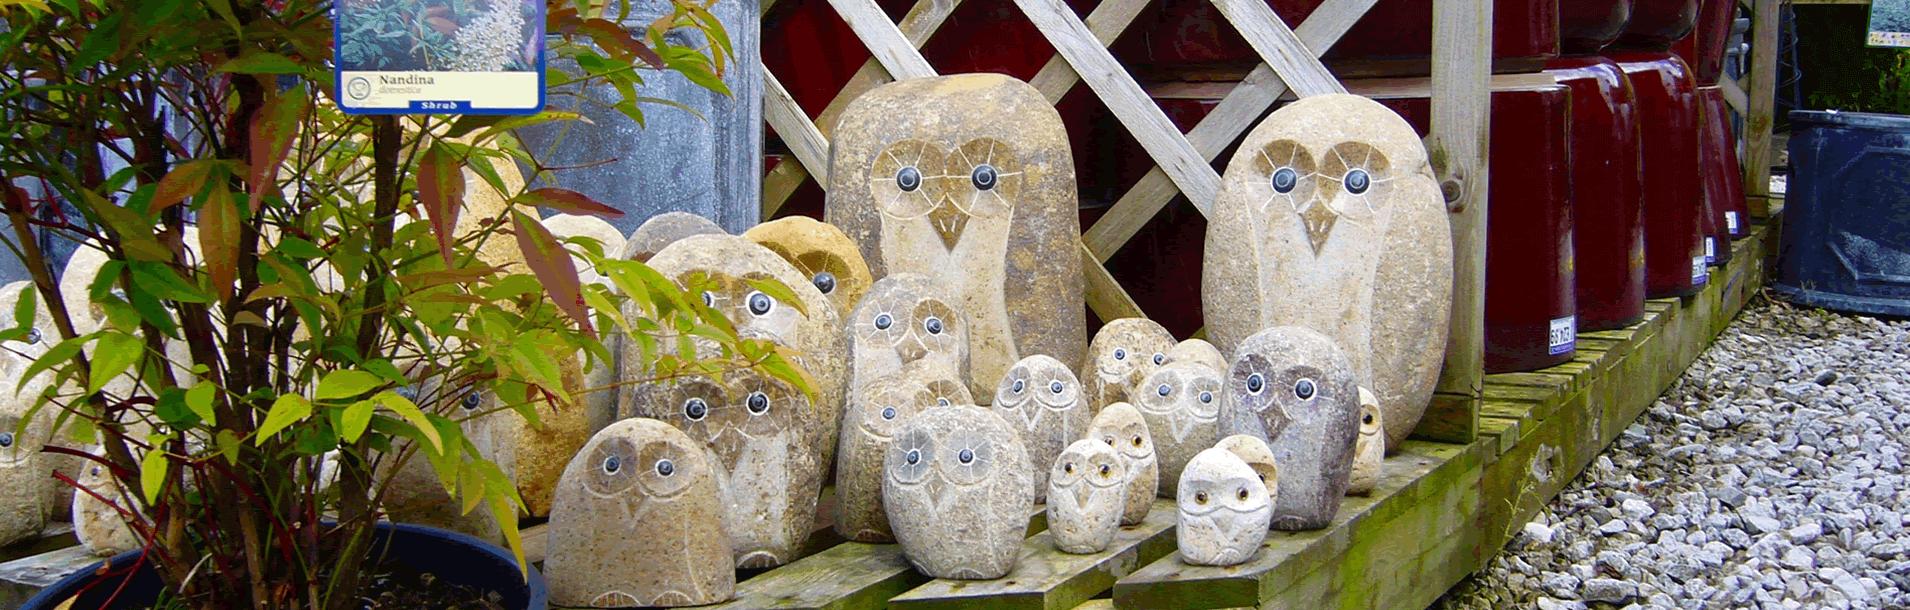 Stone Owl Garden Ornaments Carr bank garden centre pet supplies for everything your garden hand carved stone owls carr bank garden workwithnaturefo